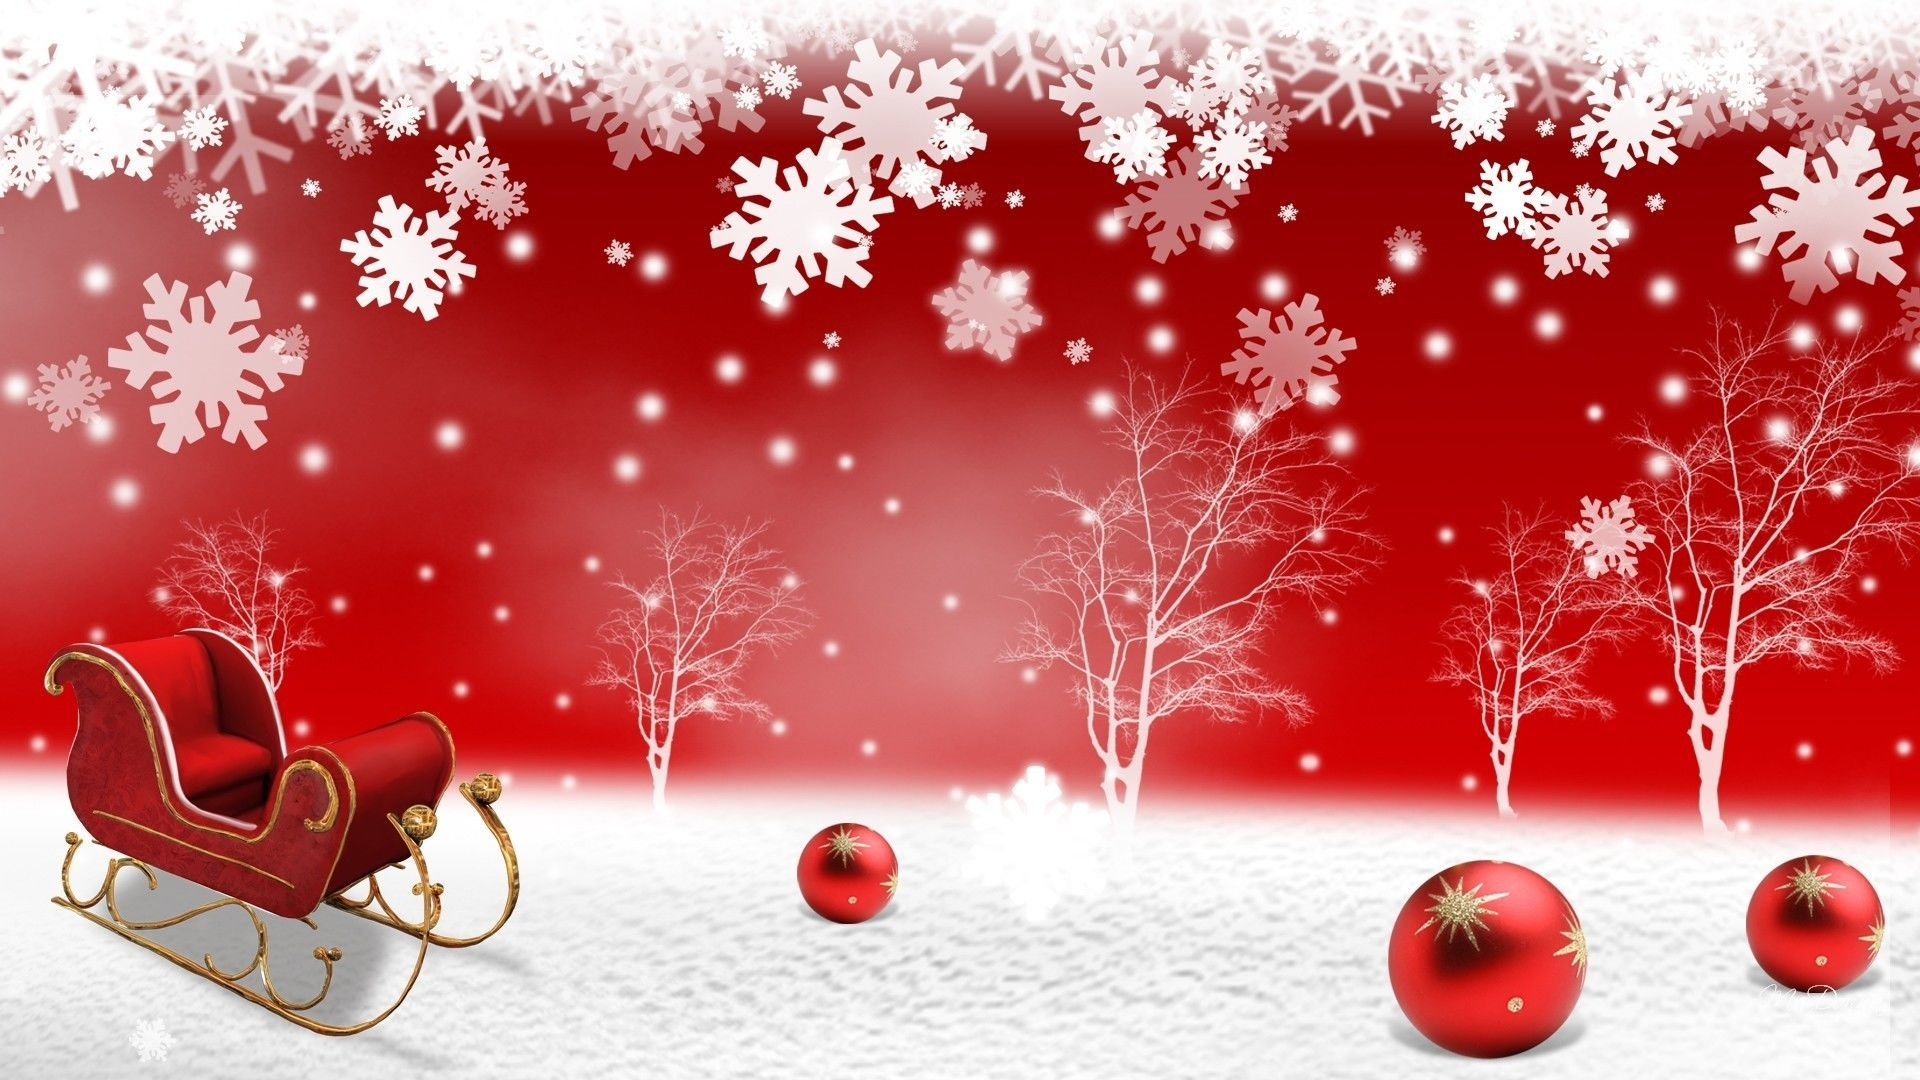 Christmas For Website Wallpaper Image